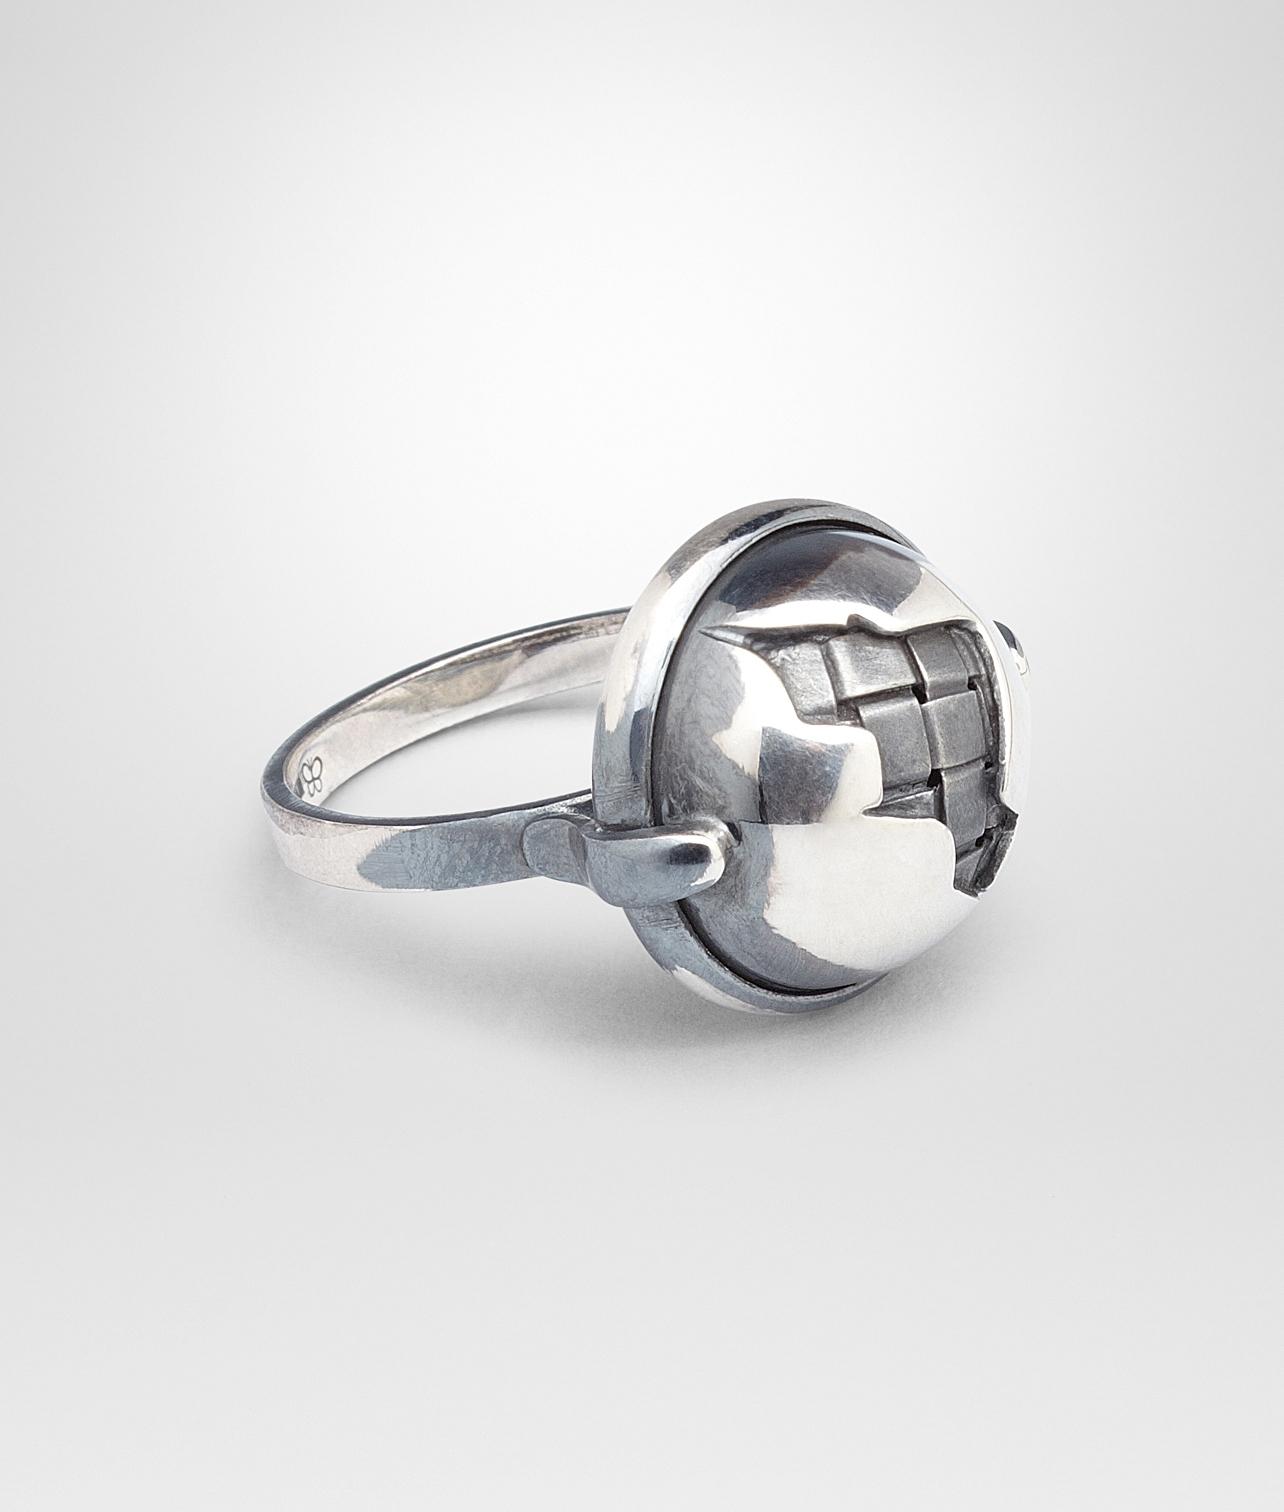 Bottega Veneta antique Intrecciato ring - Metallic BWEBIsMM